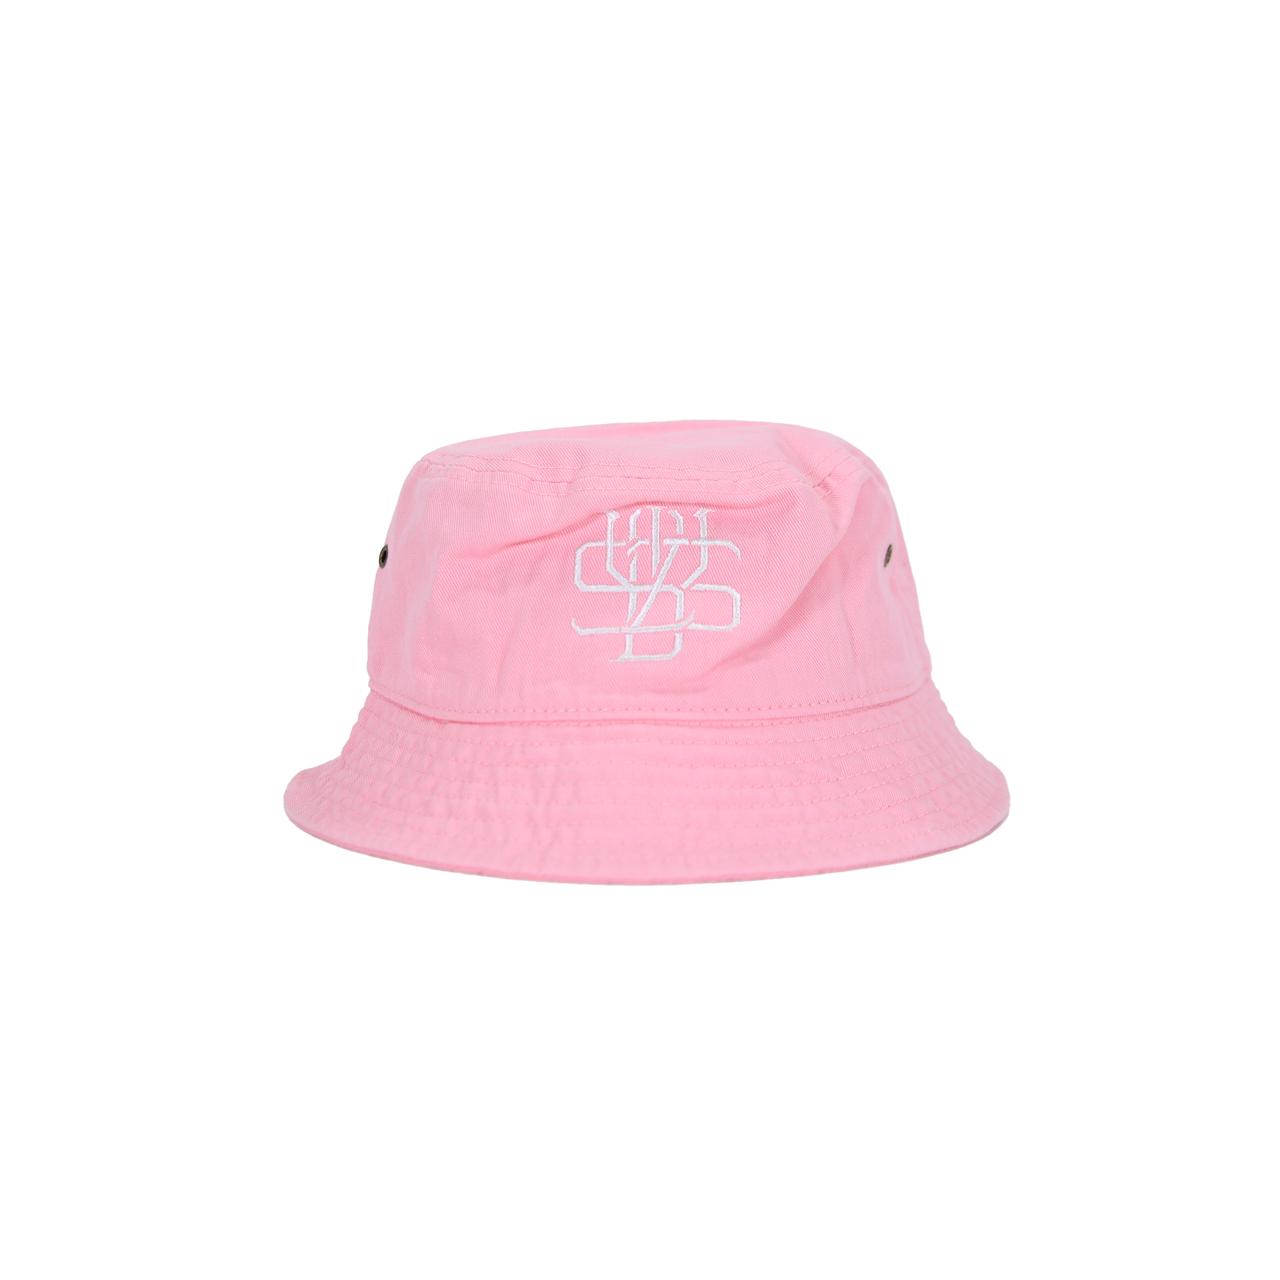 Spear King Bucket Hat [PINK]